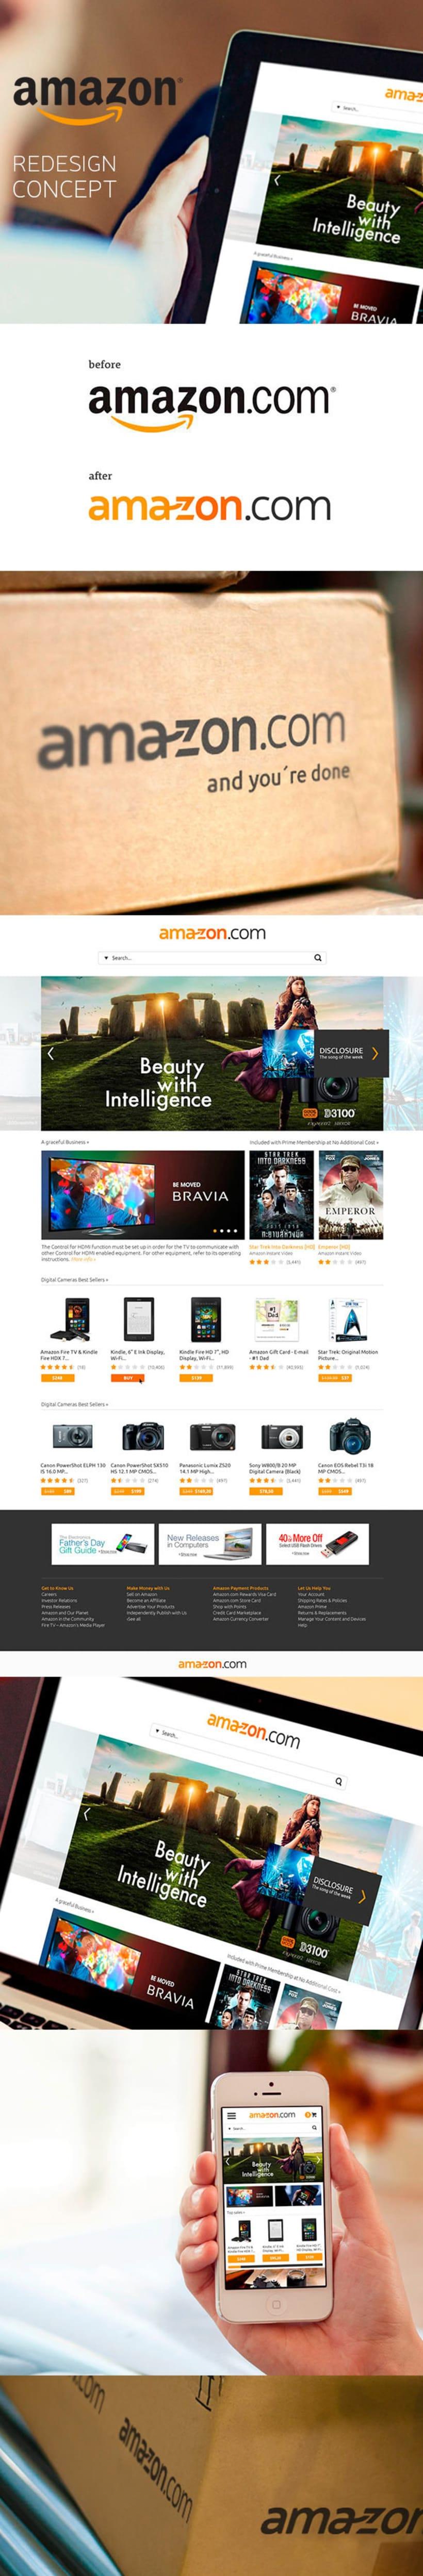 Amazon Redesign -1